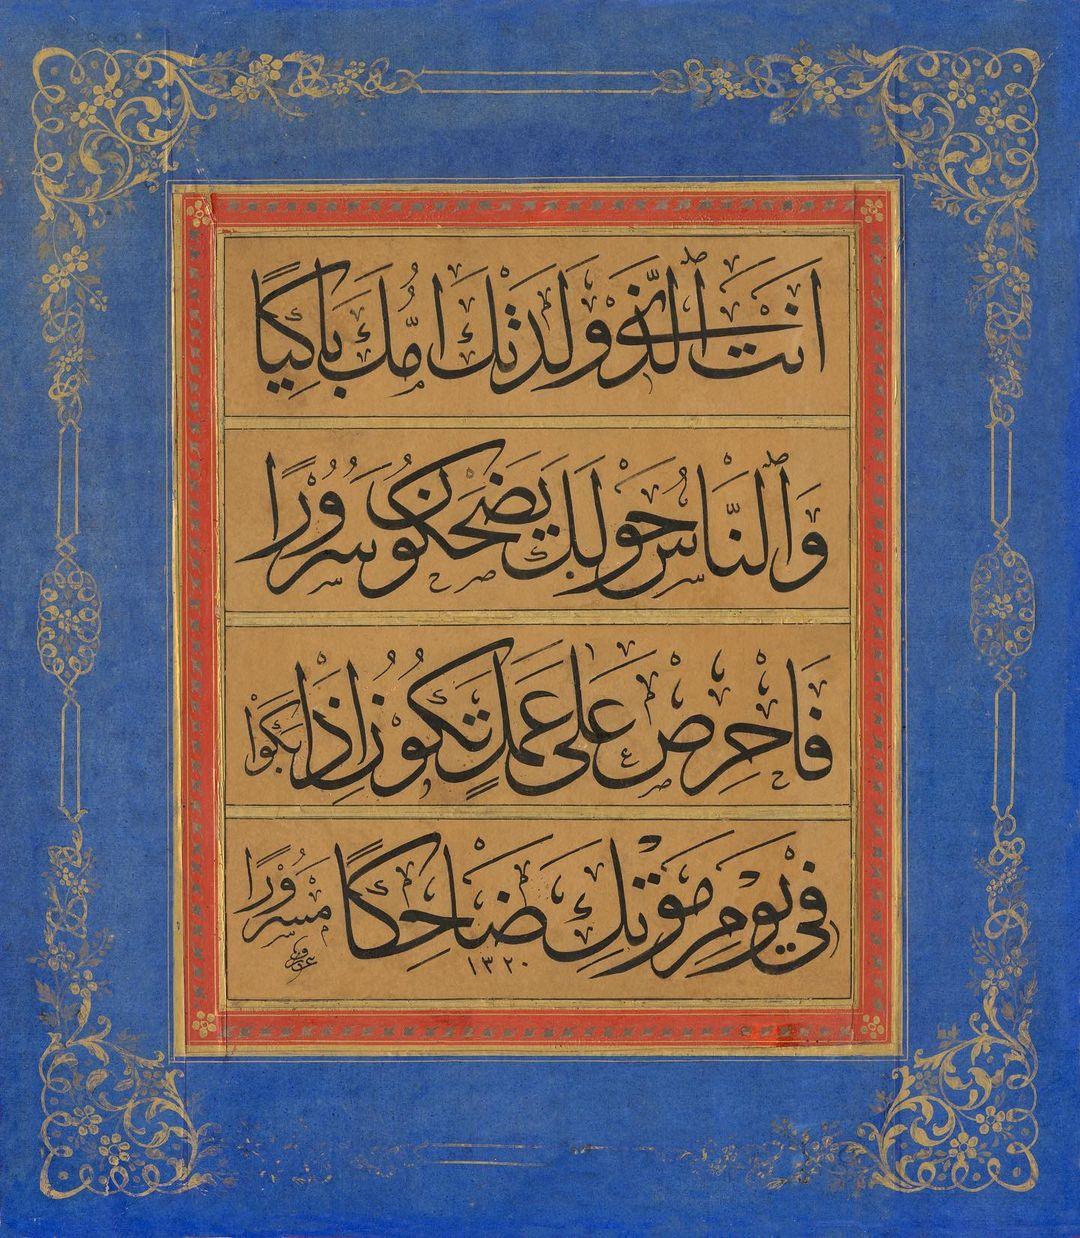 Apk Website For Arabic Calligraphy Abdurrahman Kılıç koleksiyonundan, Filibeli Bakkal Ârif Efendi'nin (v. 17 Eylül ... 1045 1